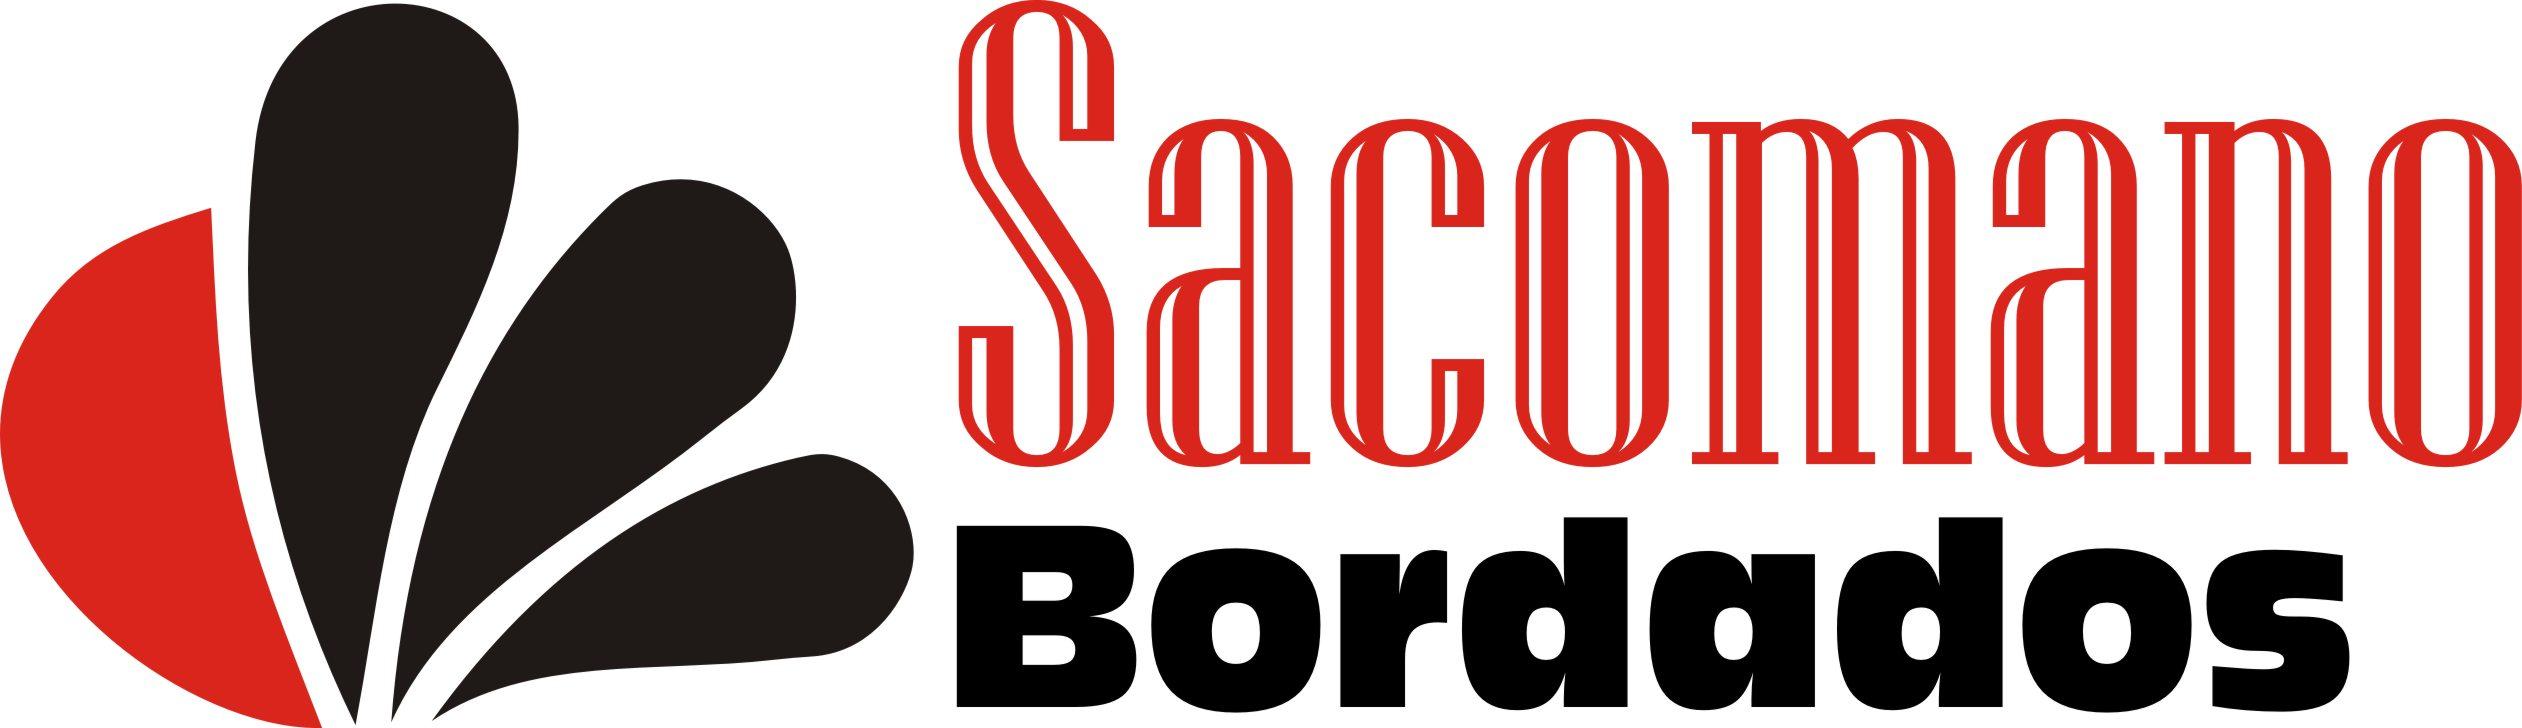 Sacomano Bordados